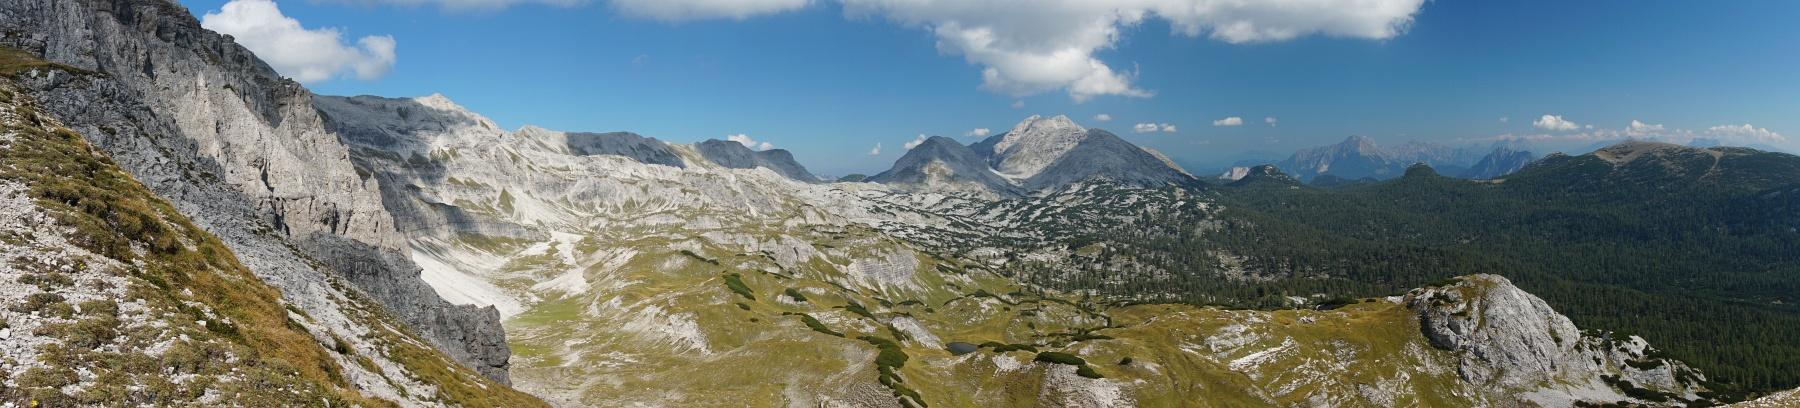 Blick über das baumlose Anstiegsgelände von der Brunnalm zur Elmscharte. Rechts der Bildmitte das Warscheneck. (Klick zur Vergrößerung)